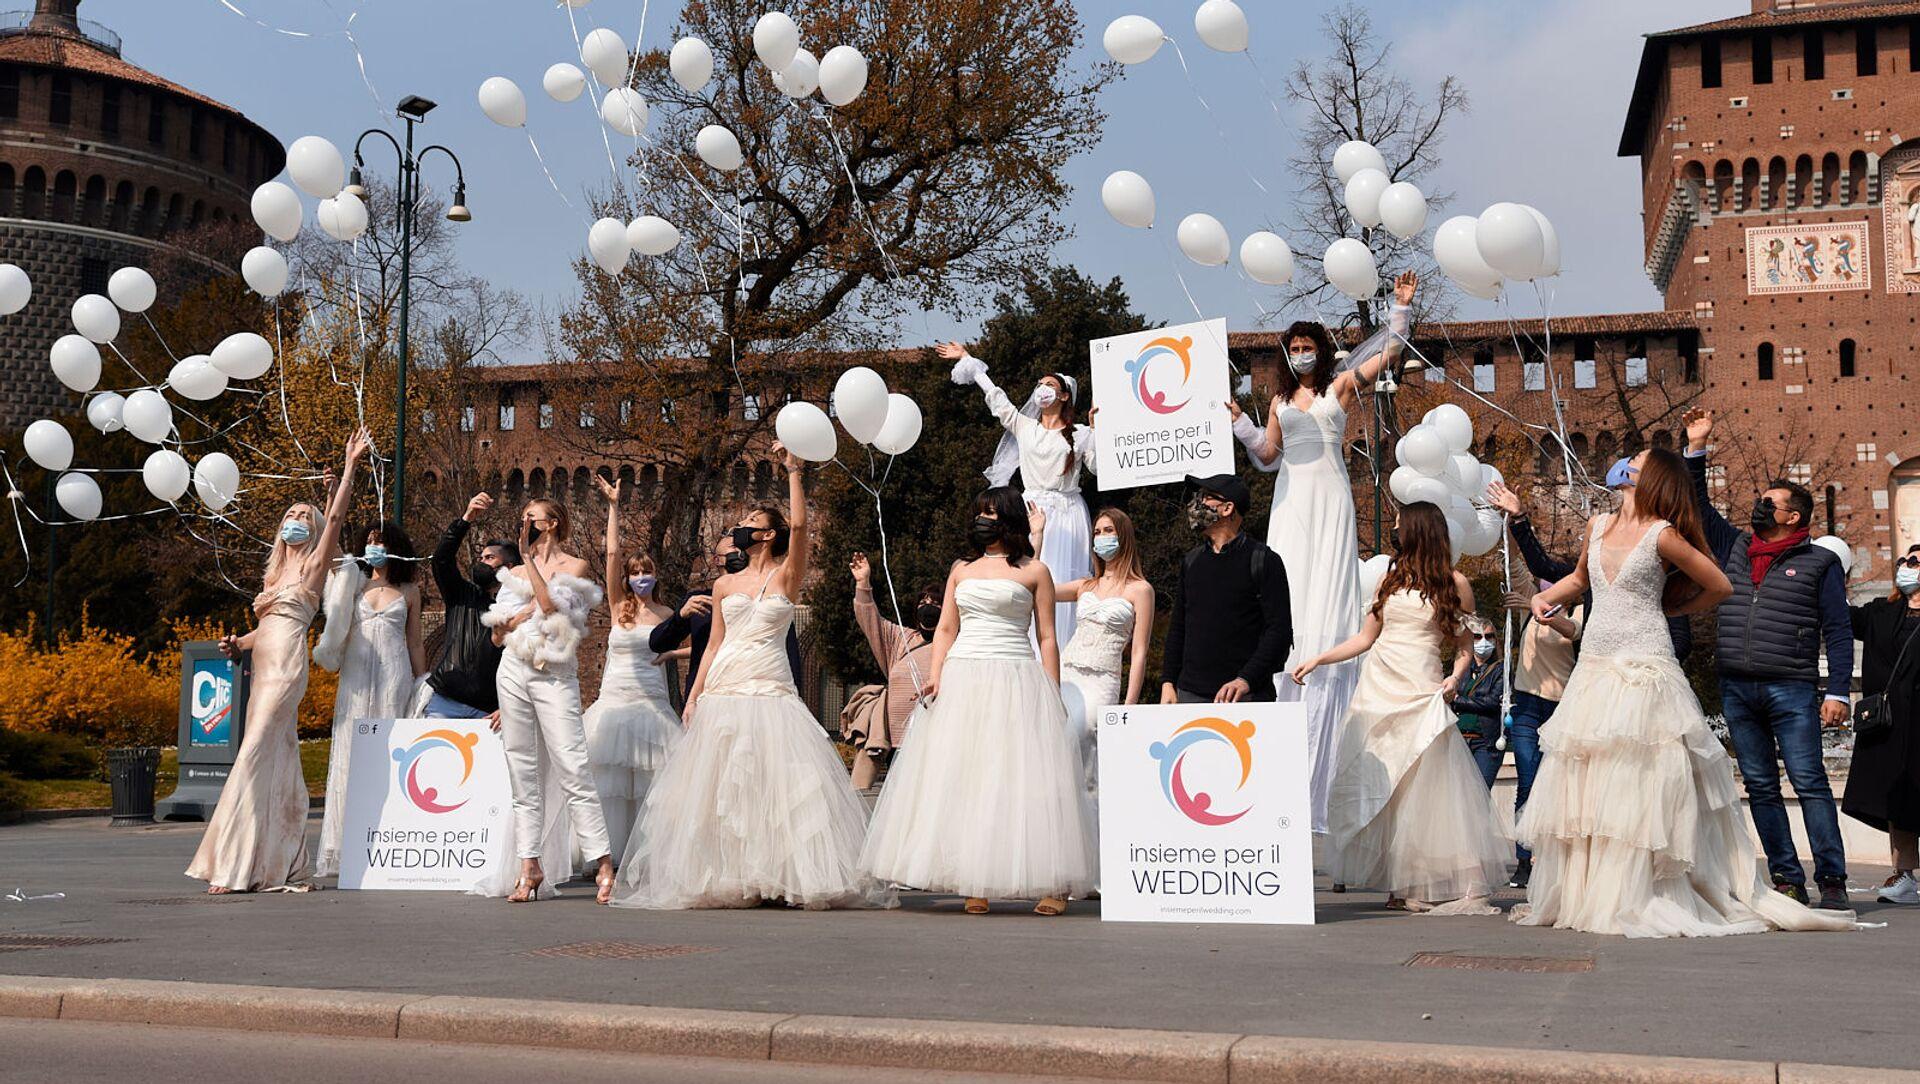 Roma, la manifestazione organizzata da Insieme per il Wedding - Sputnik Italia, 1920, 18.05.2021